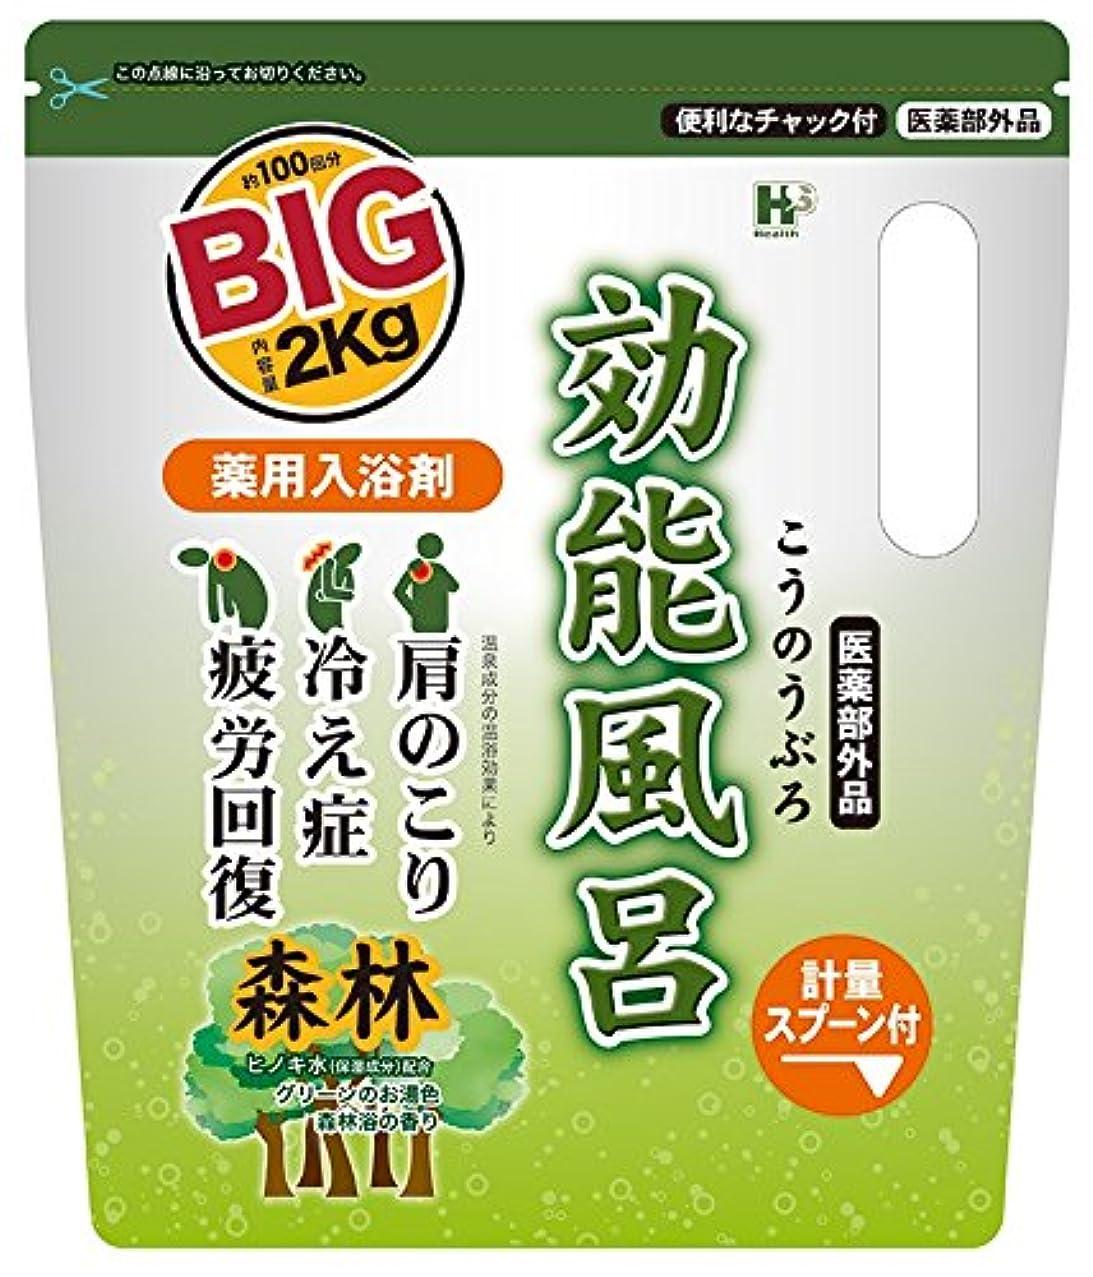 バンジョー現実ペデスタル薬用入浴剤 効能風呂 森林の香り BIGサイズ 2kg [医薬部外品]